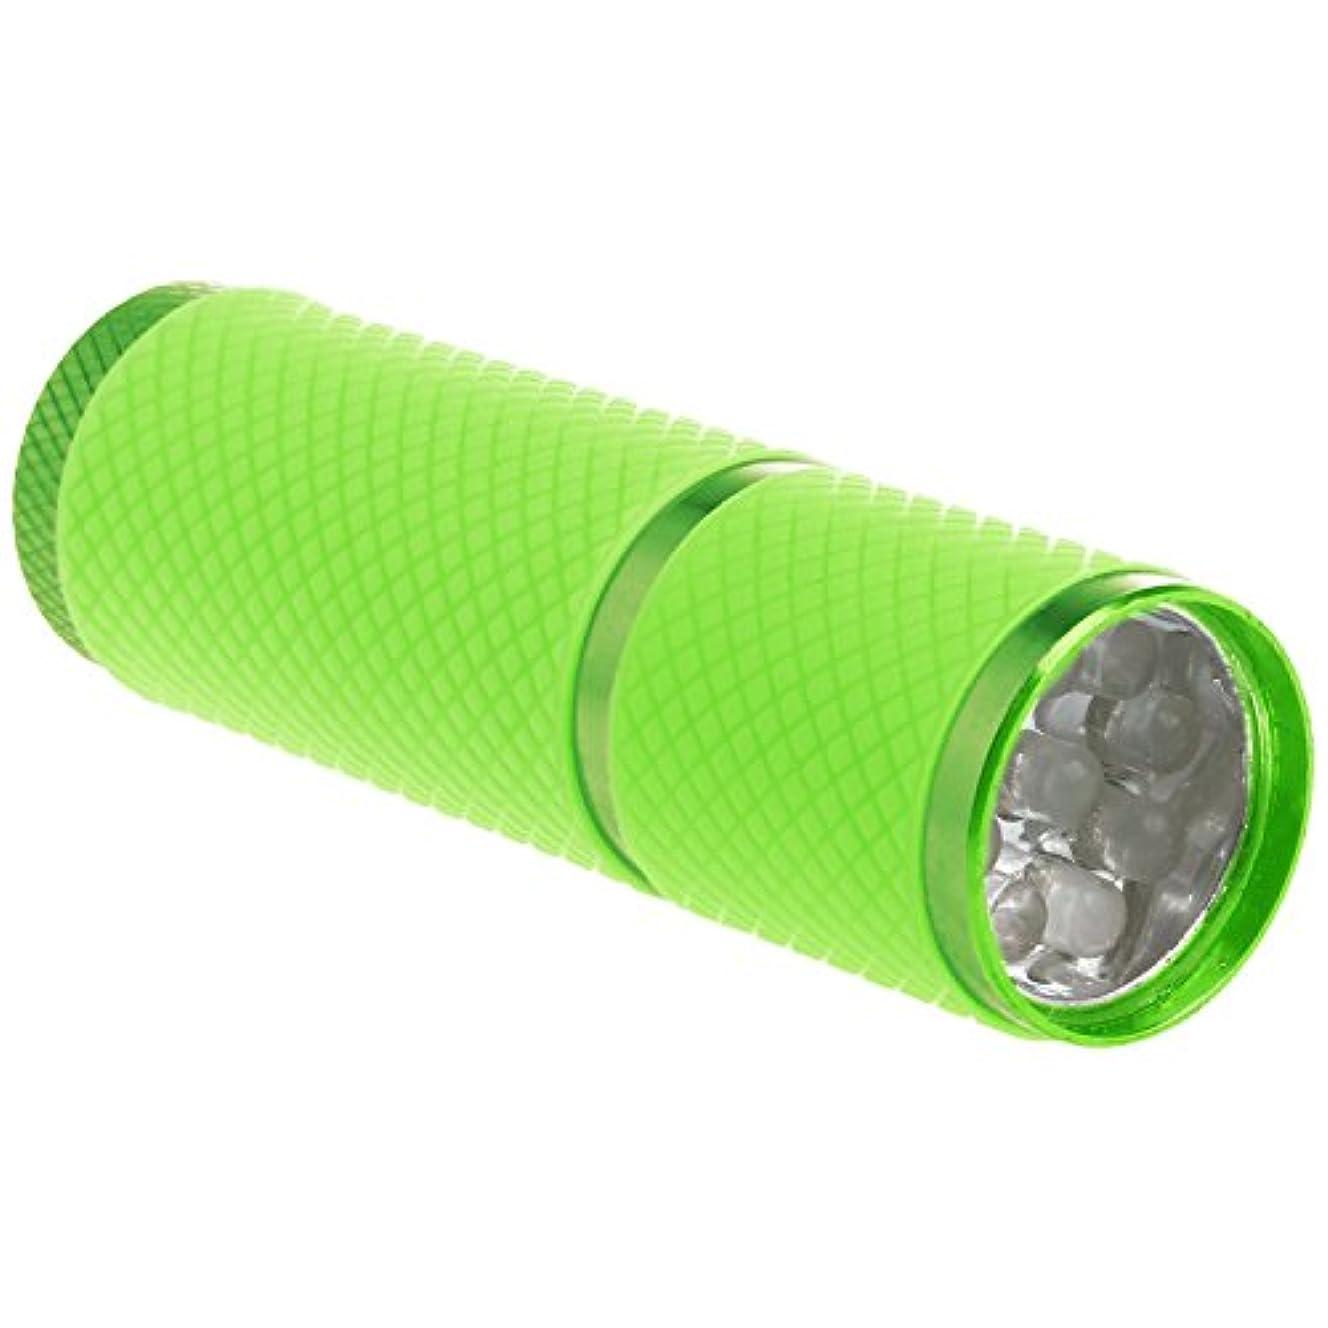 名声殺人者スーパーマーケットSODIAL 1個 ミニ9 LED Uv ゲル硬化ランプ バッテリーなし 携帯性ネイルドライヤー LEDフラッシュライト通貨検出器 アルミニウム合金 グリーンカラー